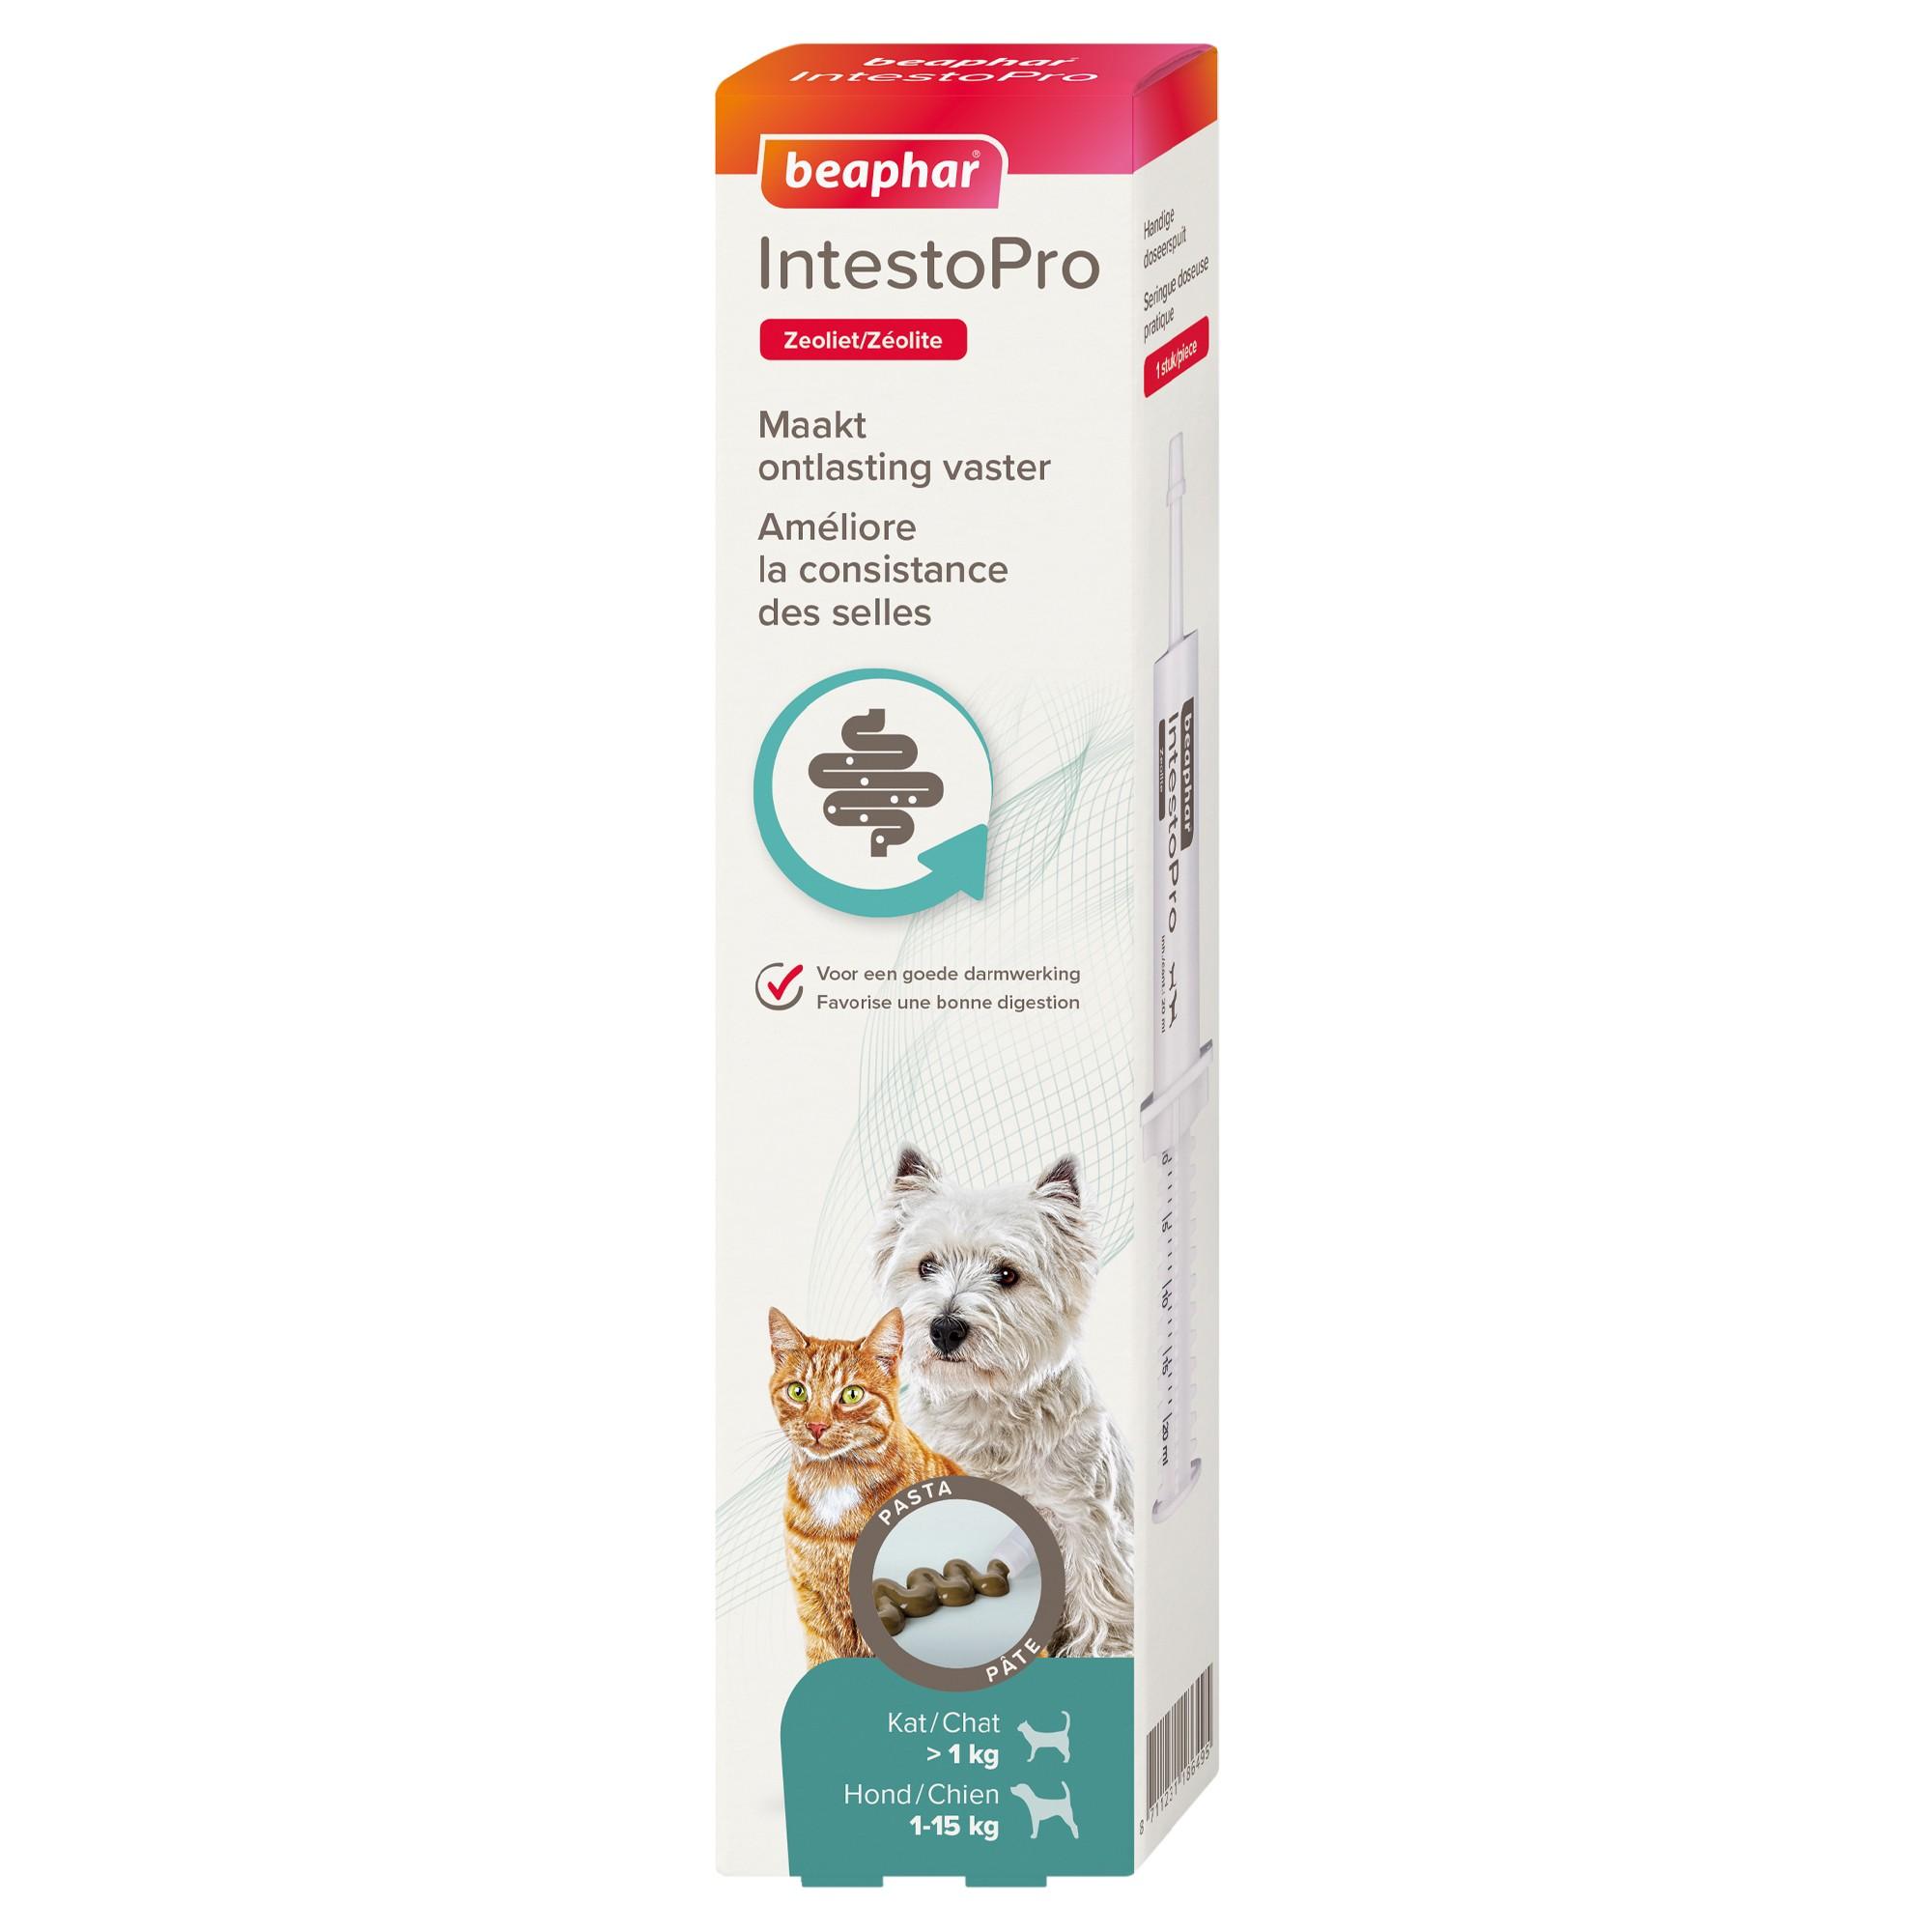 IntestoPro, pâte pour améliorer la consistance des selles pour chats et petits chiens